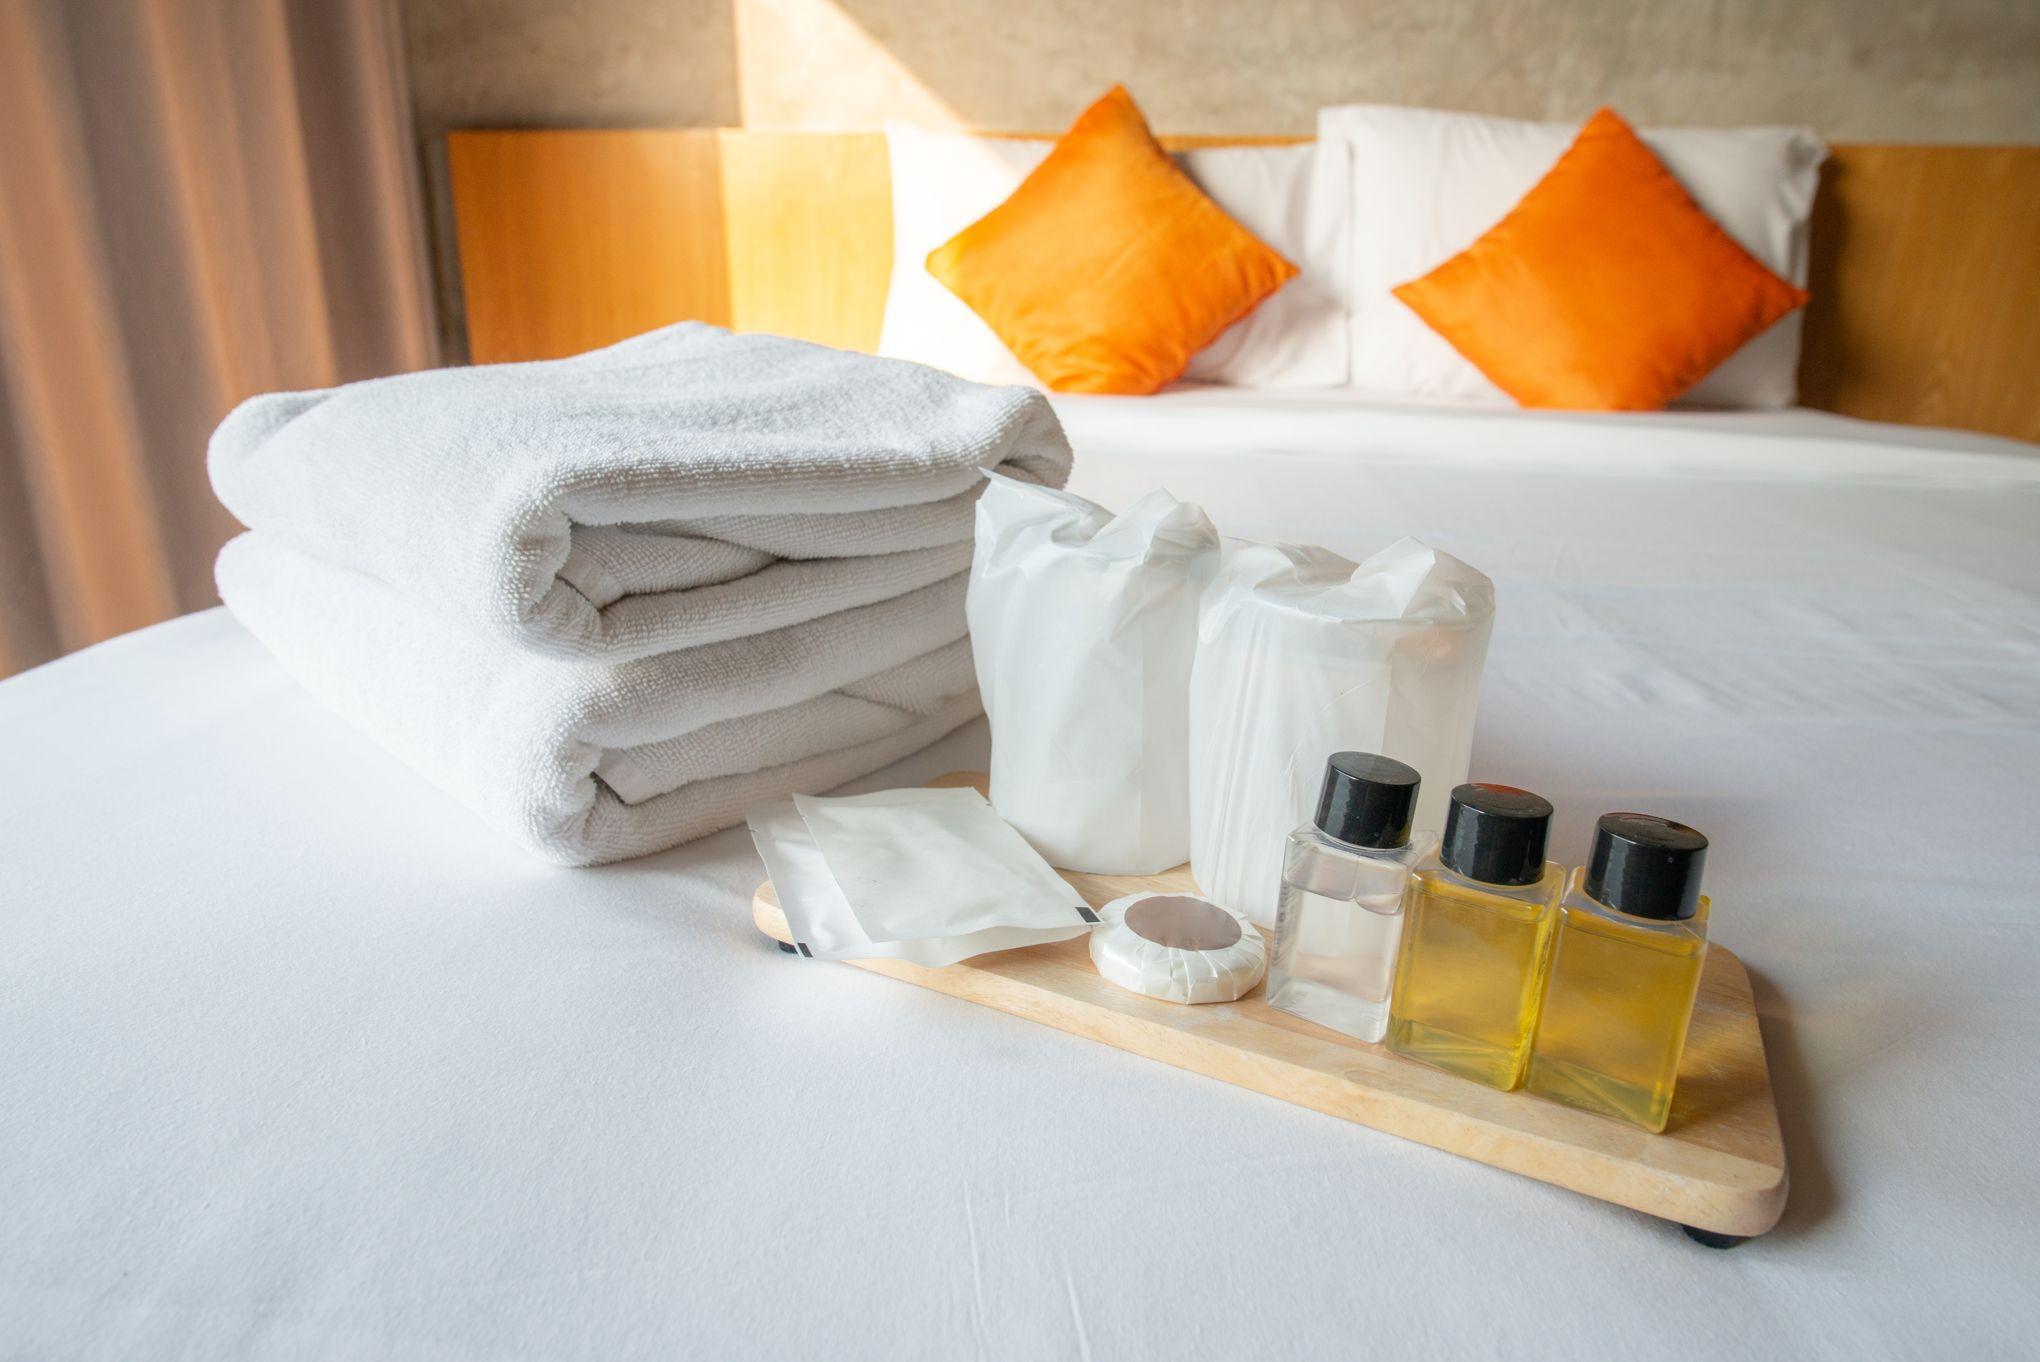 Quels sont les objets les plus volés dans les hôtels? Les hôteliers répondent